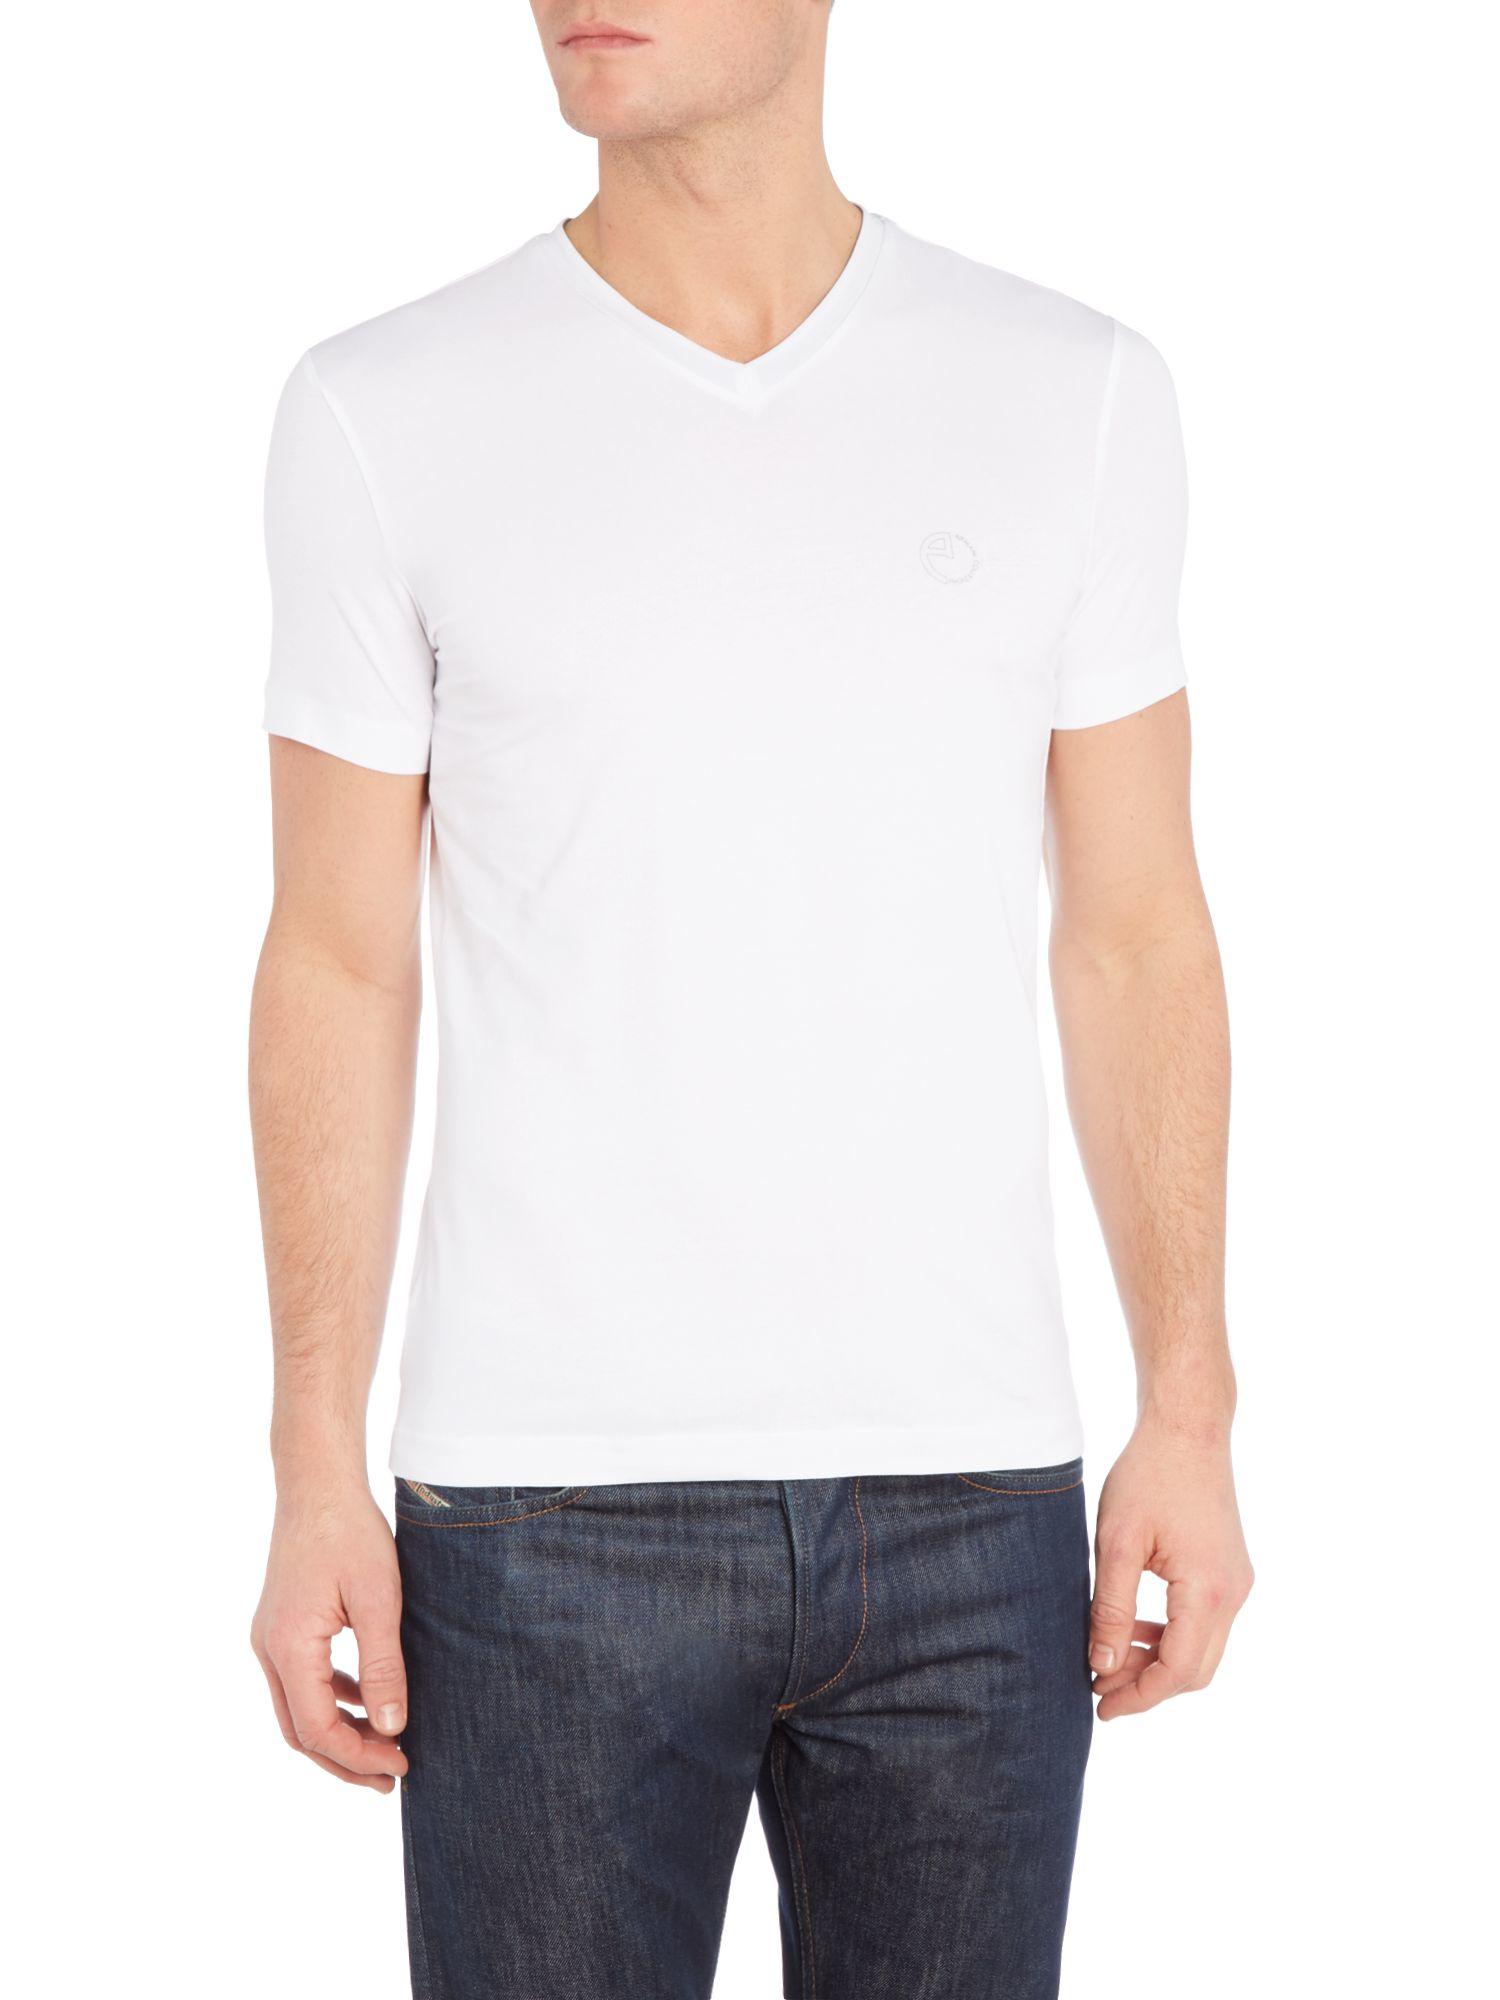 Armani v neck logo t shirt in white for men lyst for V neck white t shirts for men